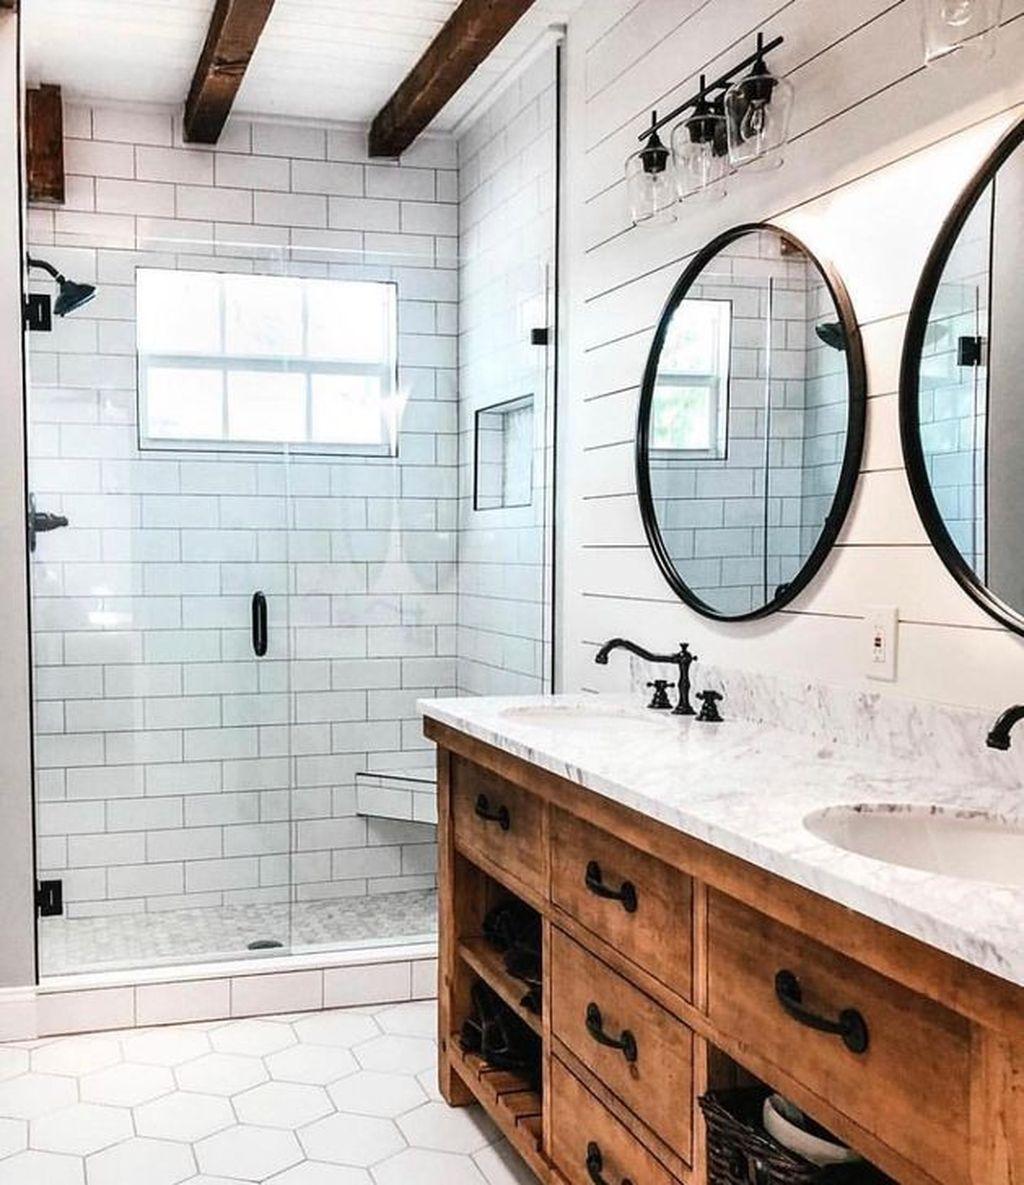 33 Latest Farmhouse Bathroom Design Ideas To Try Diy Bathroom Remodel Modern Farmhouse Bathroom Farmhouse Master Bathroom